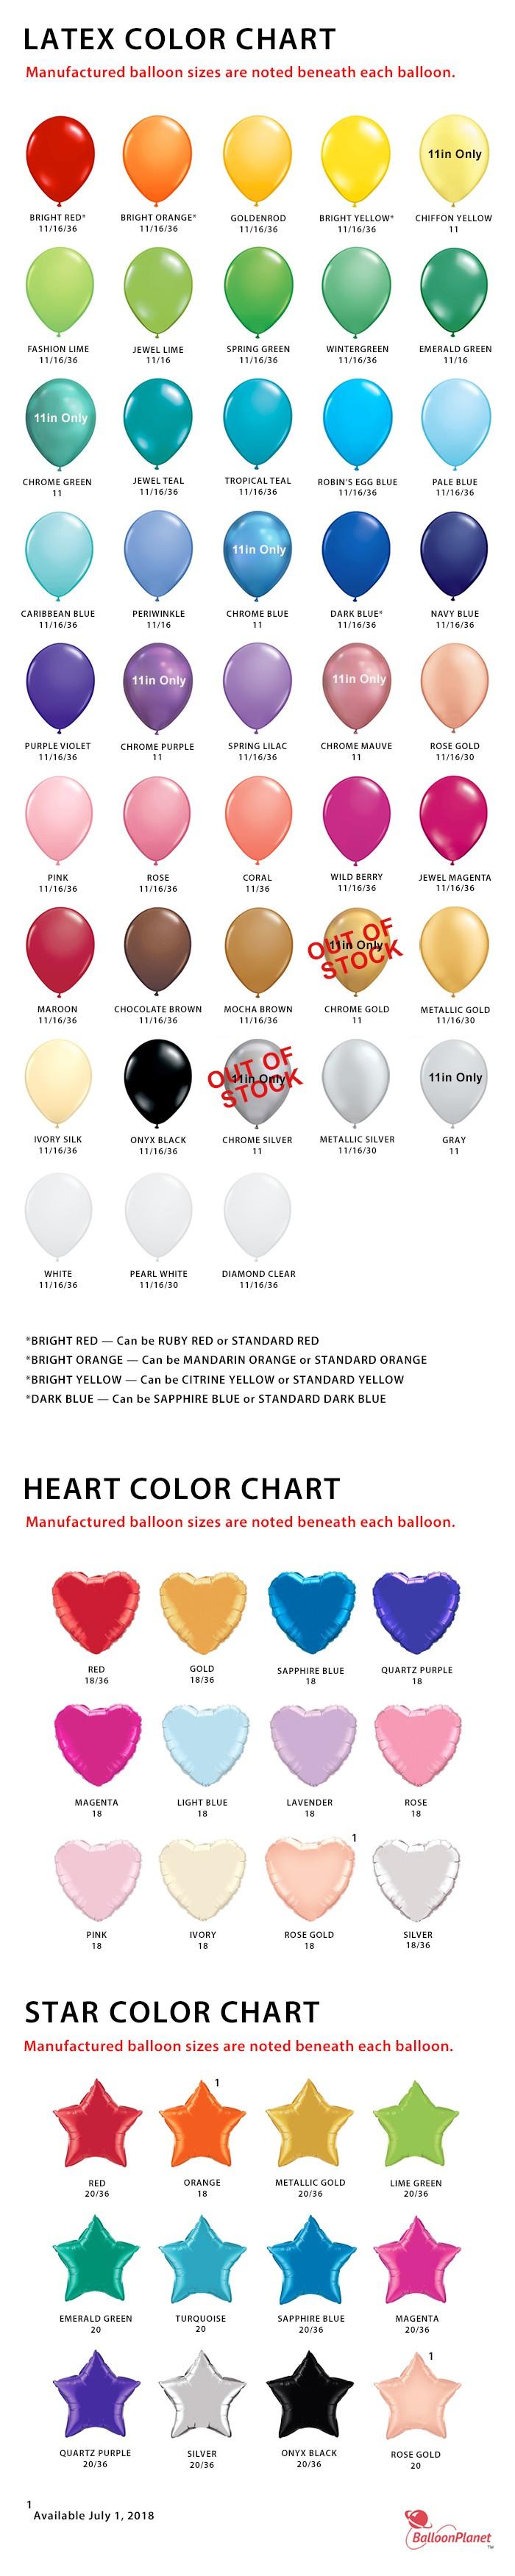 12 Balloon Salute Birthday Balloon Bouquet 12 Balloons Balloon